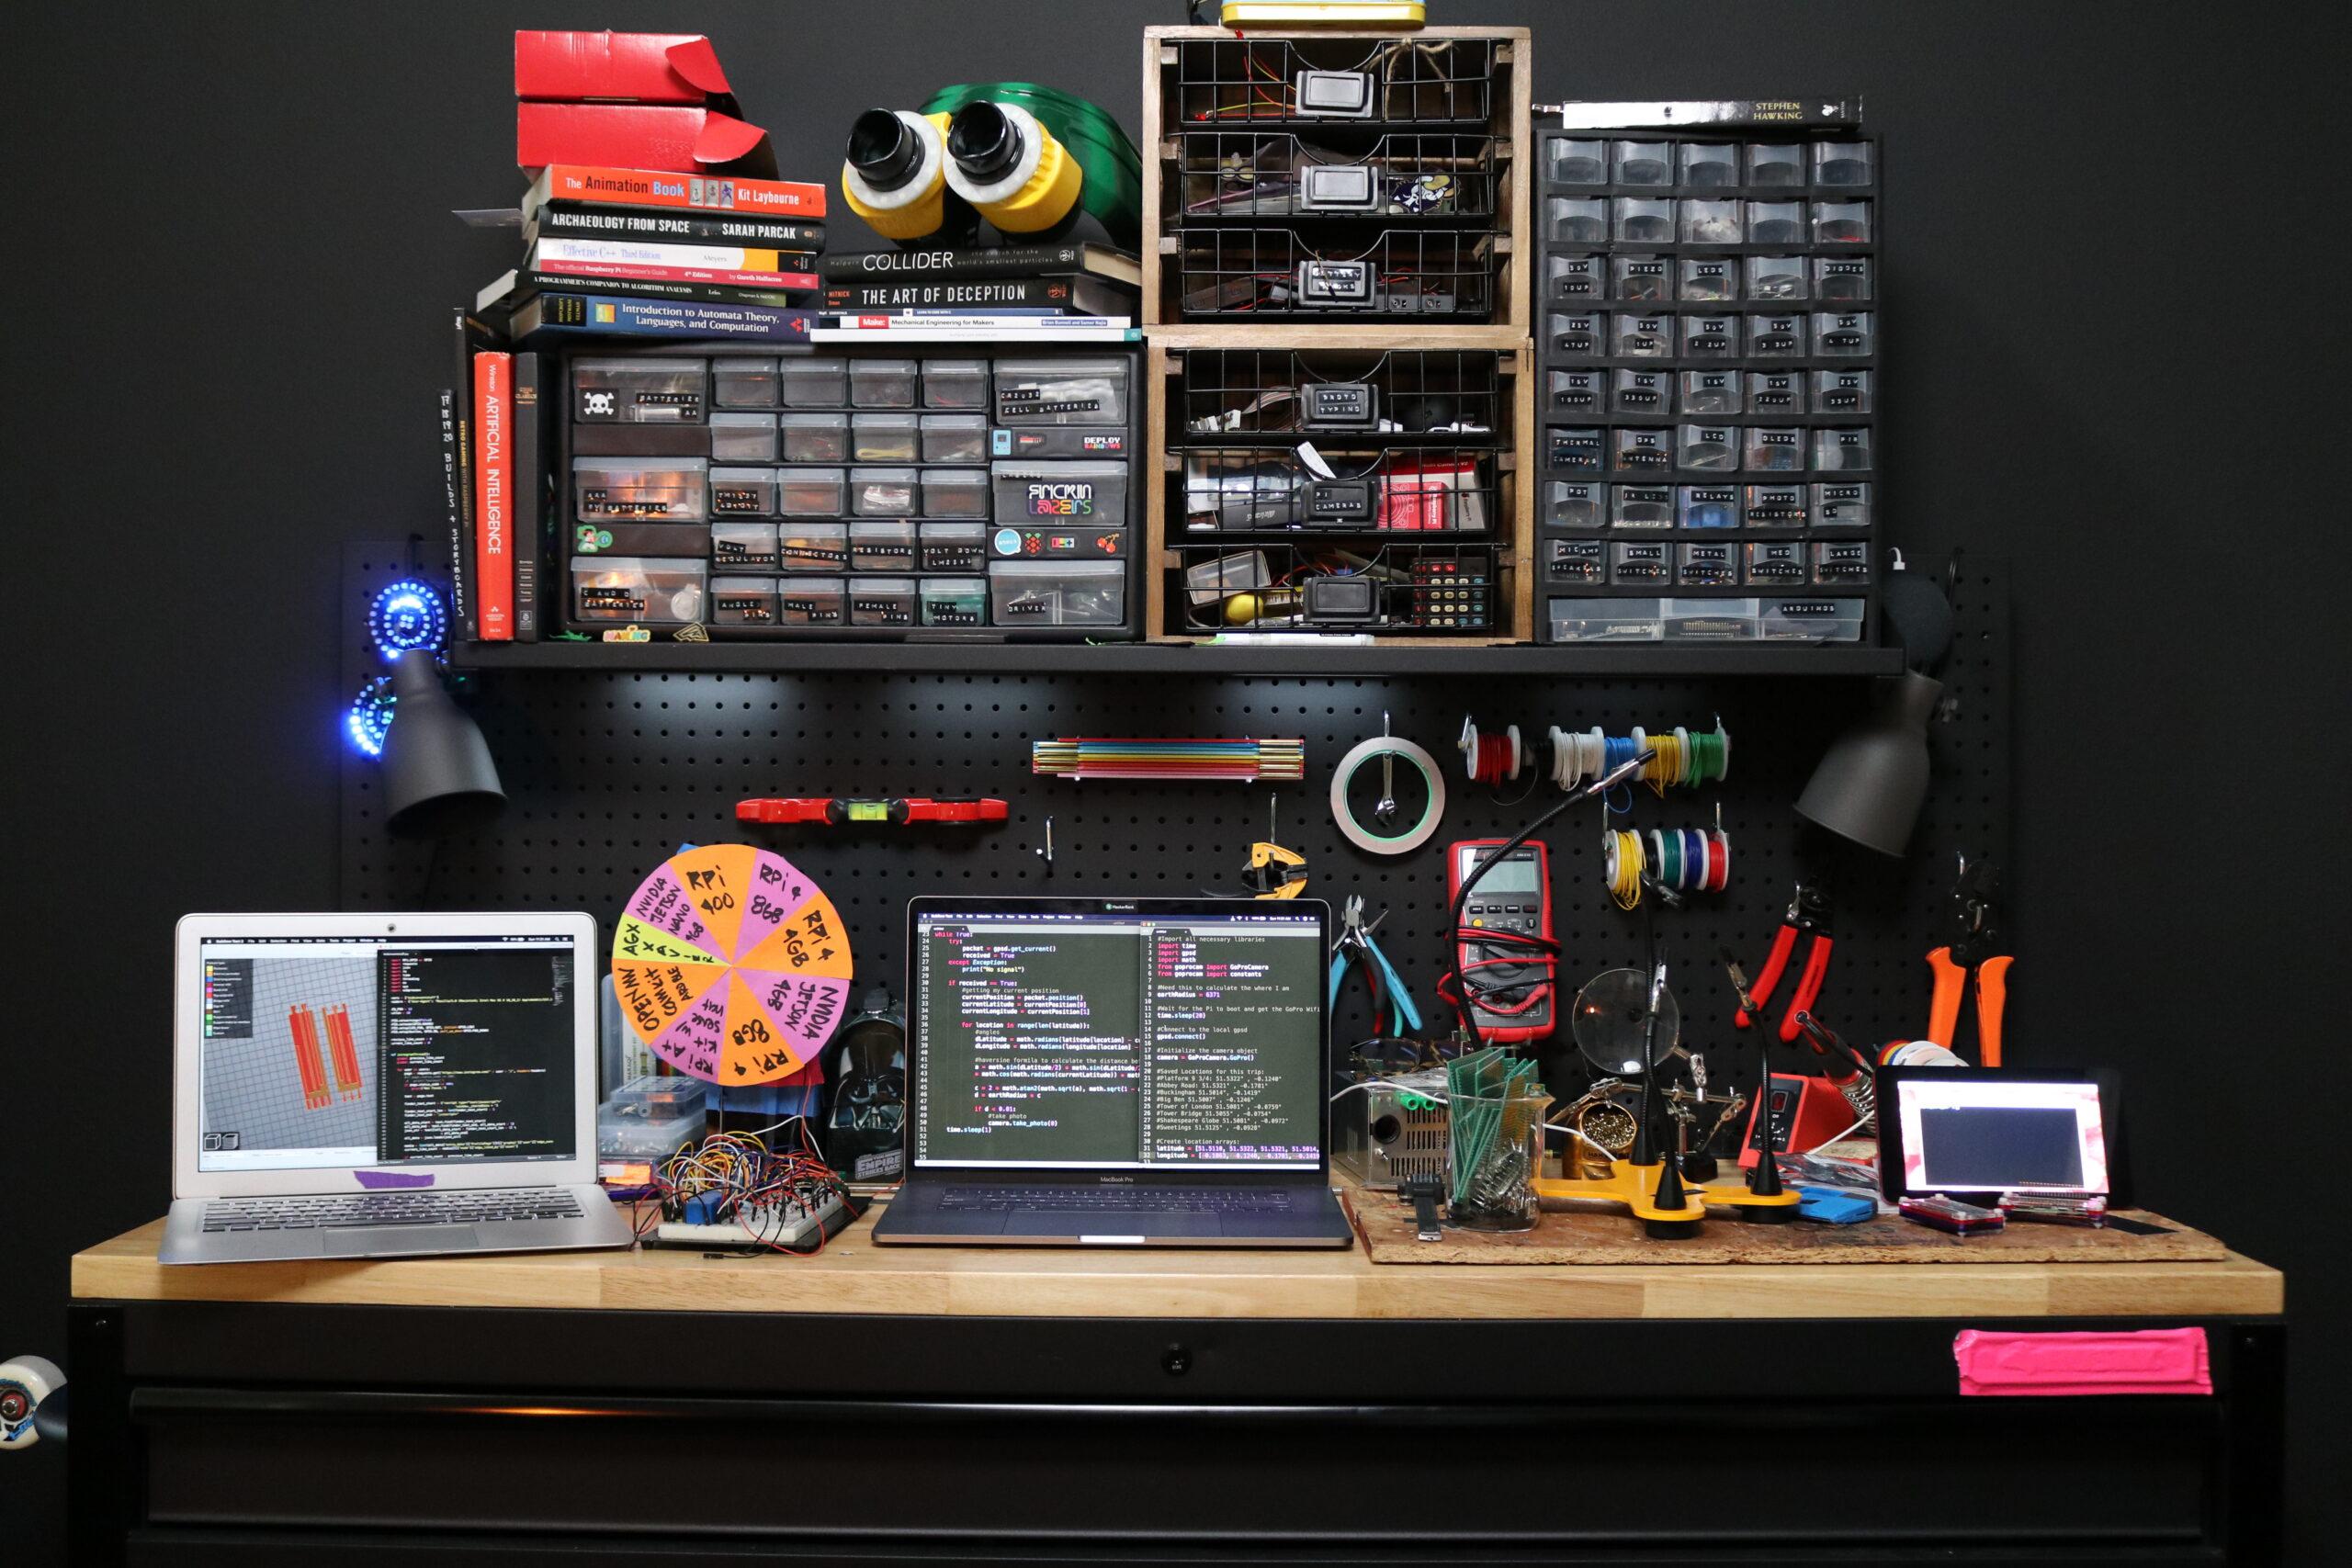 Estefannie's desk